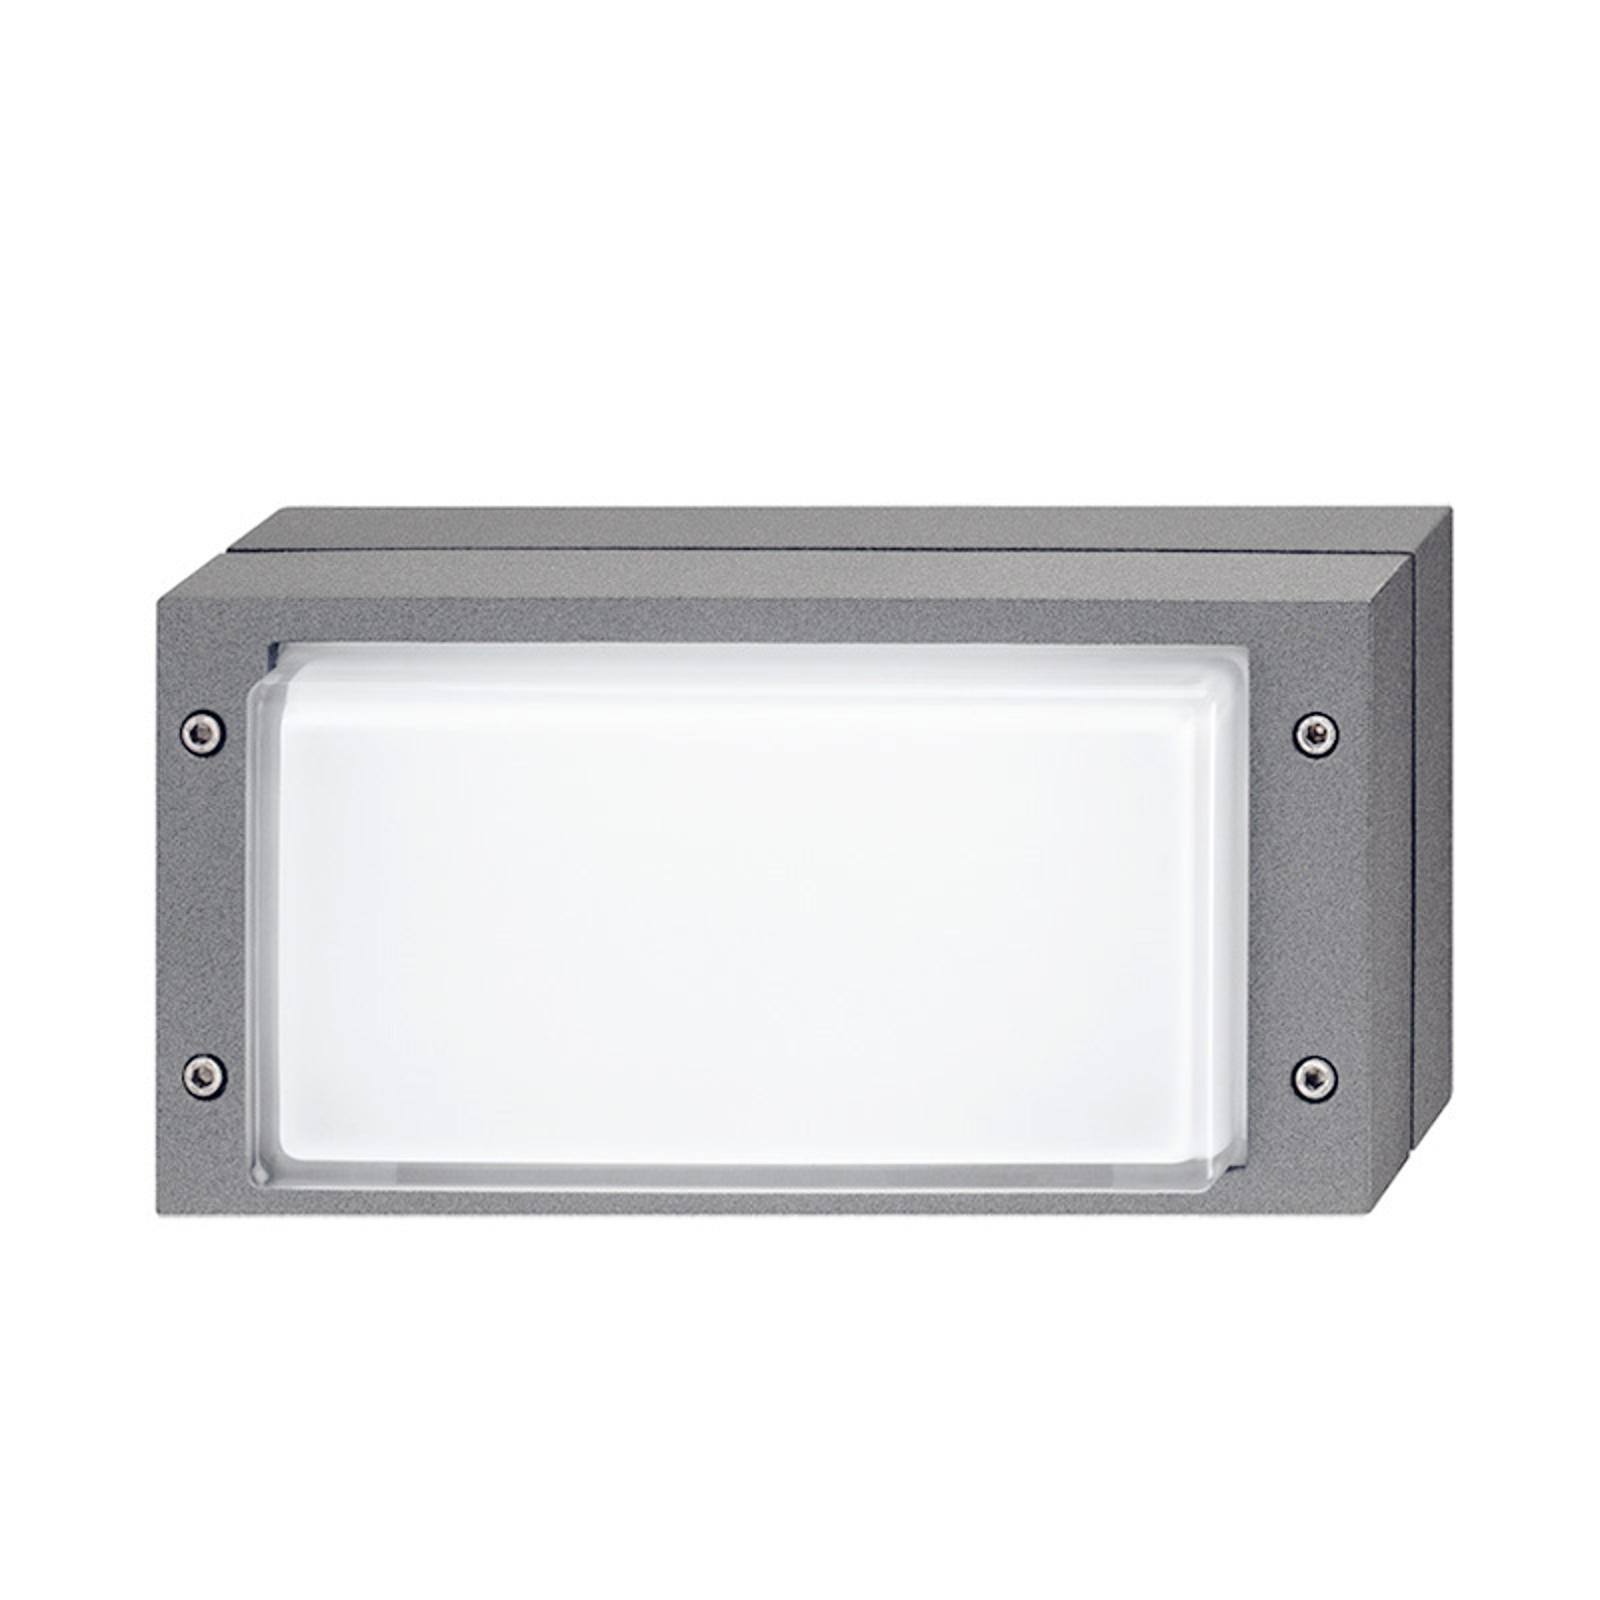 Grijze buitenwandlamp Bliz met LED